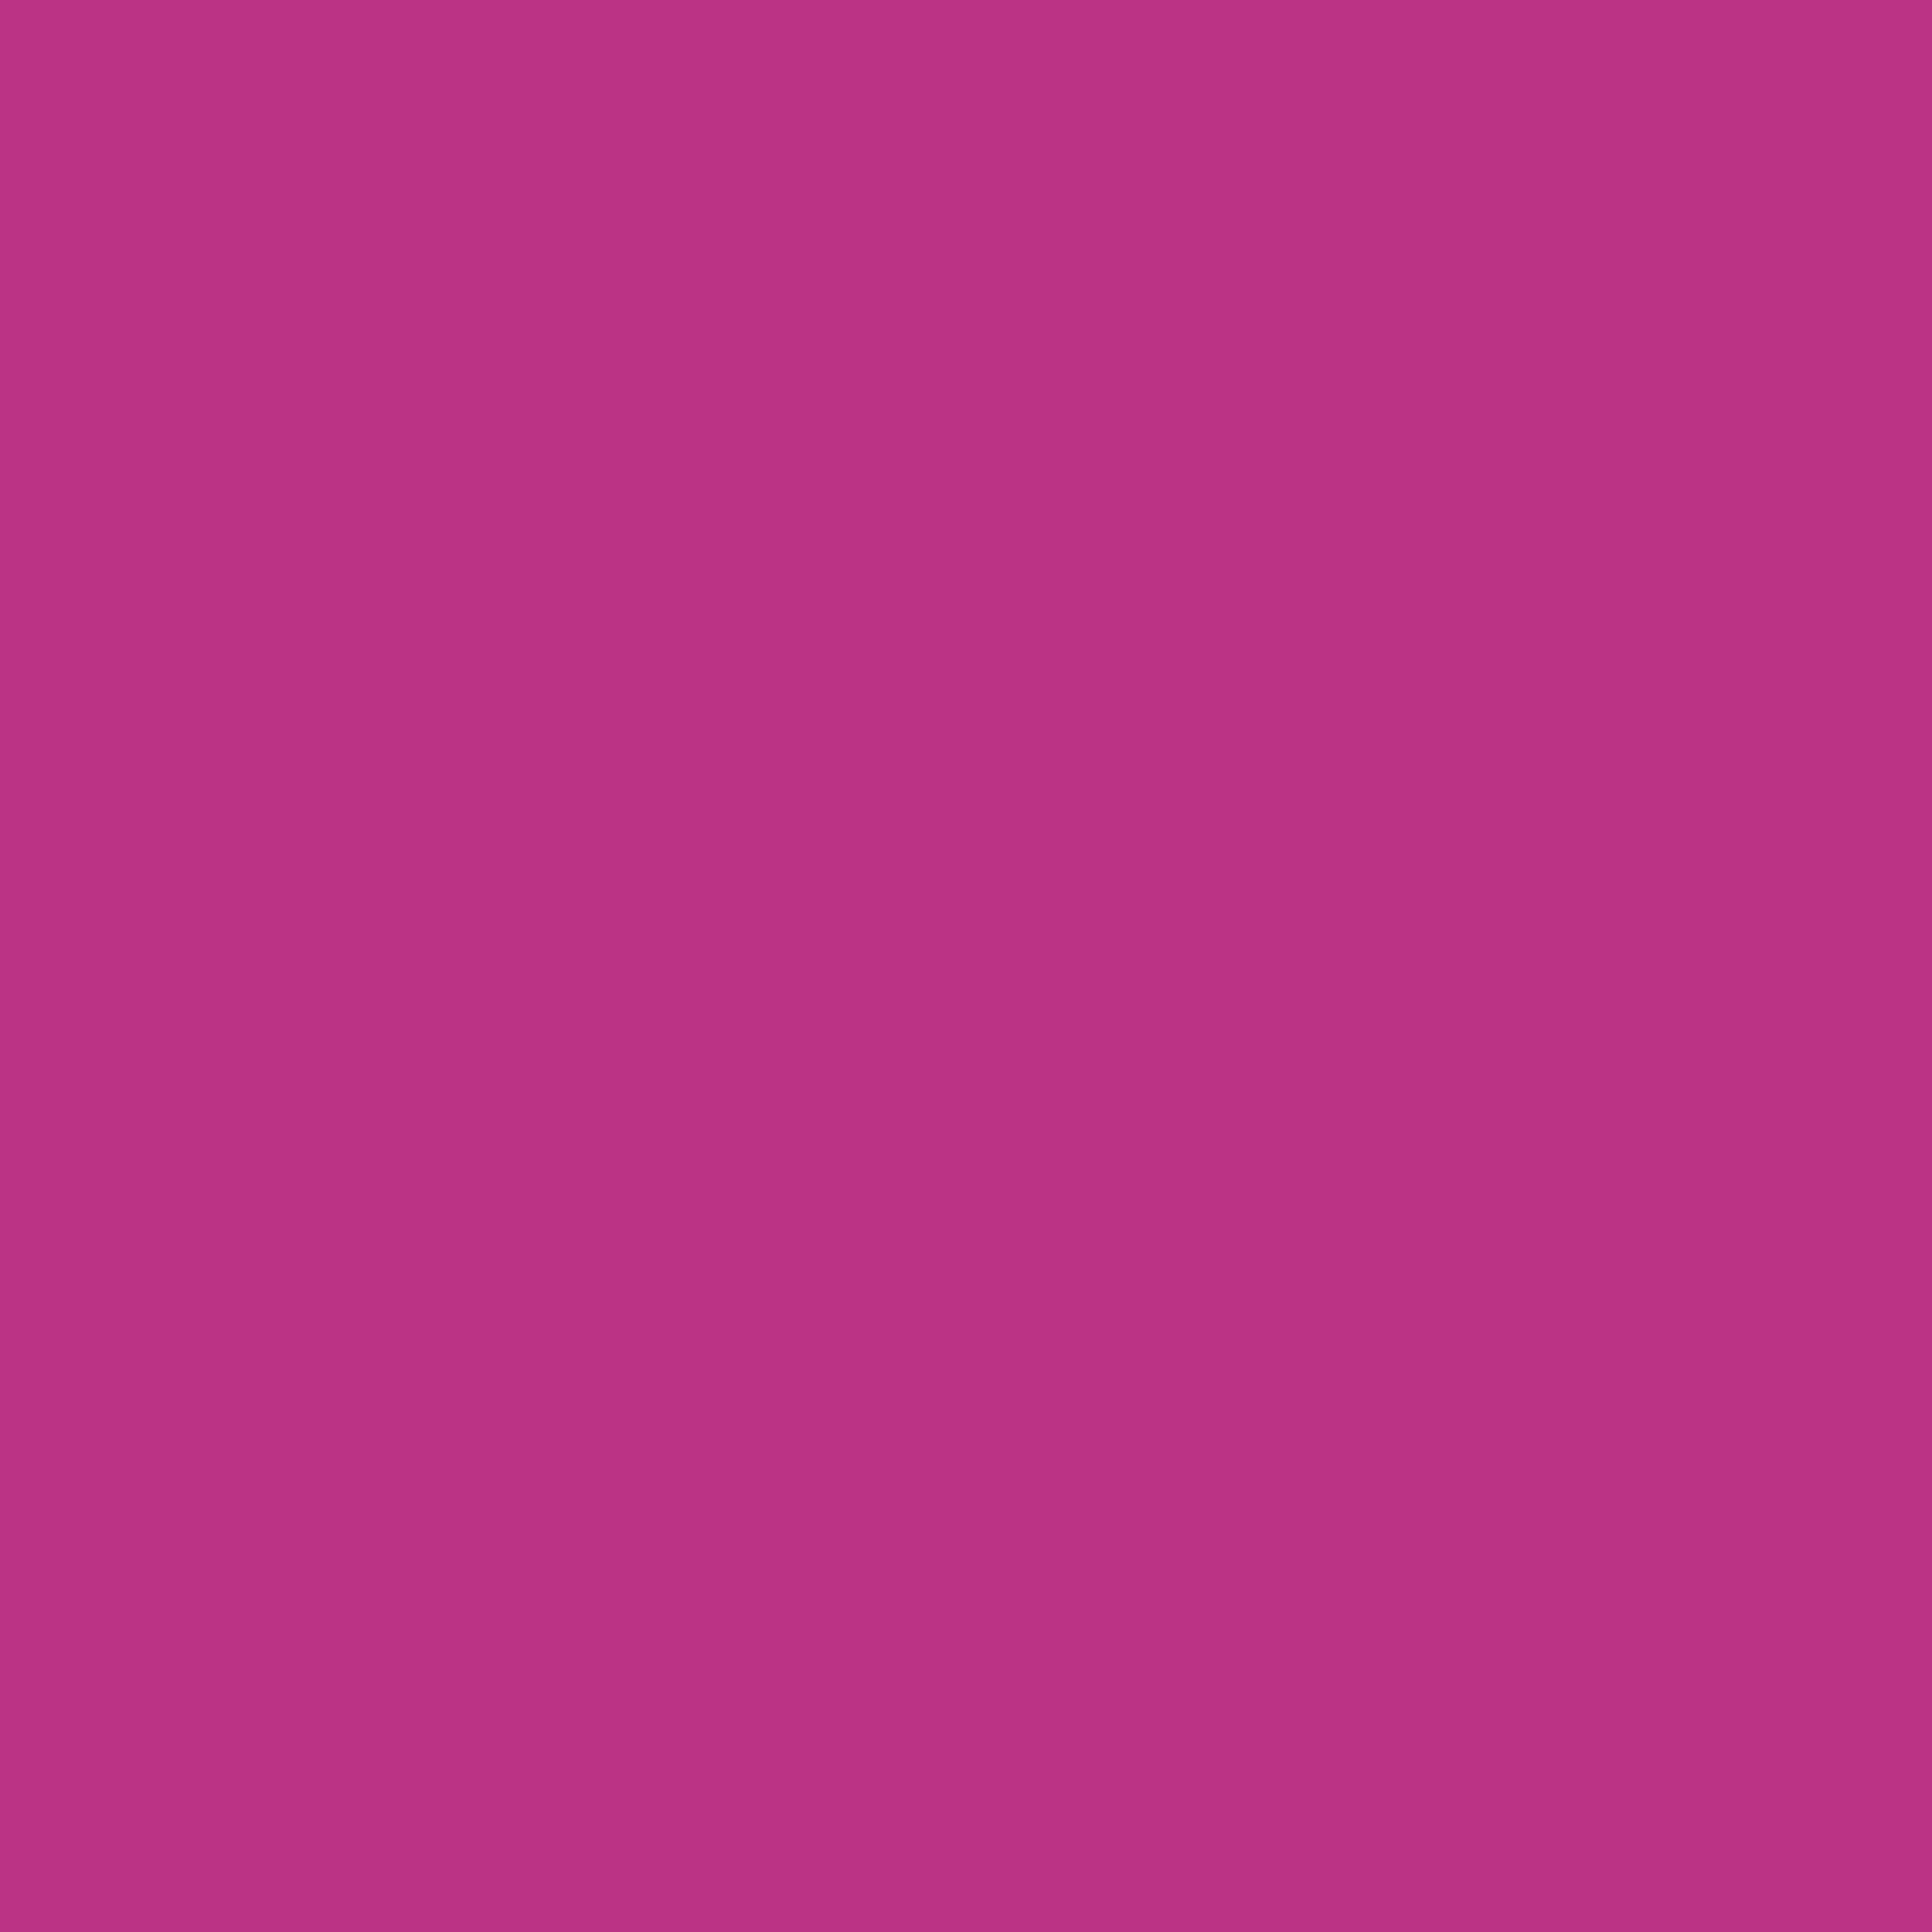 2048x2048 Medium Red-violet Solid Color Background